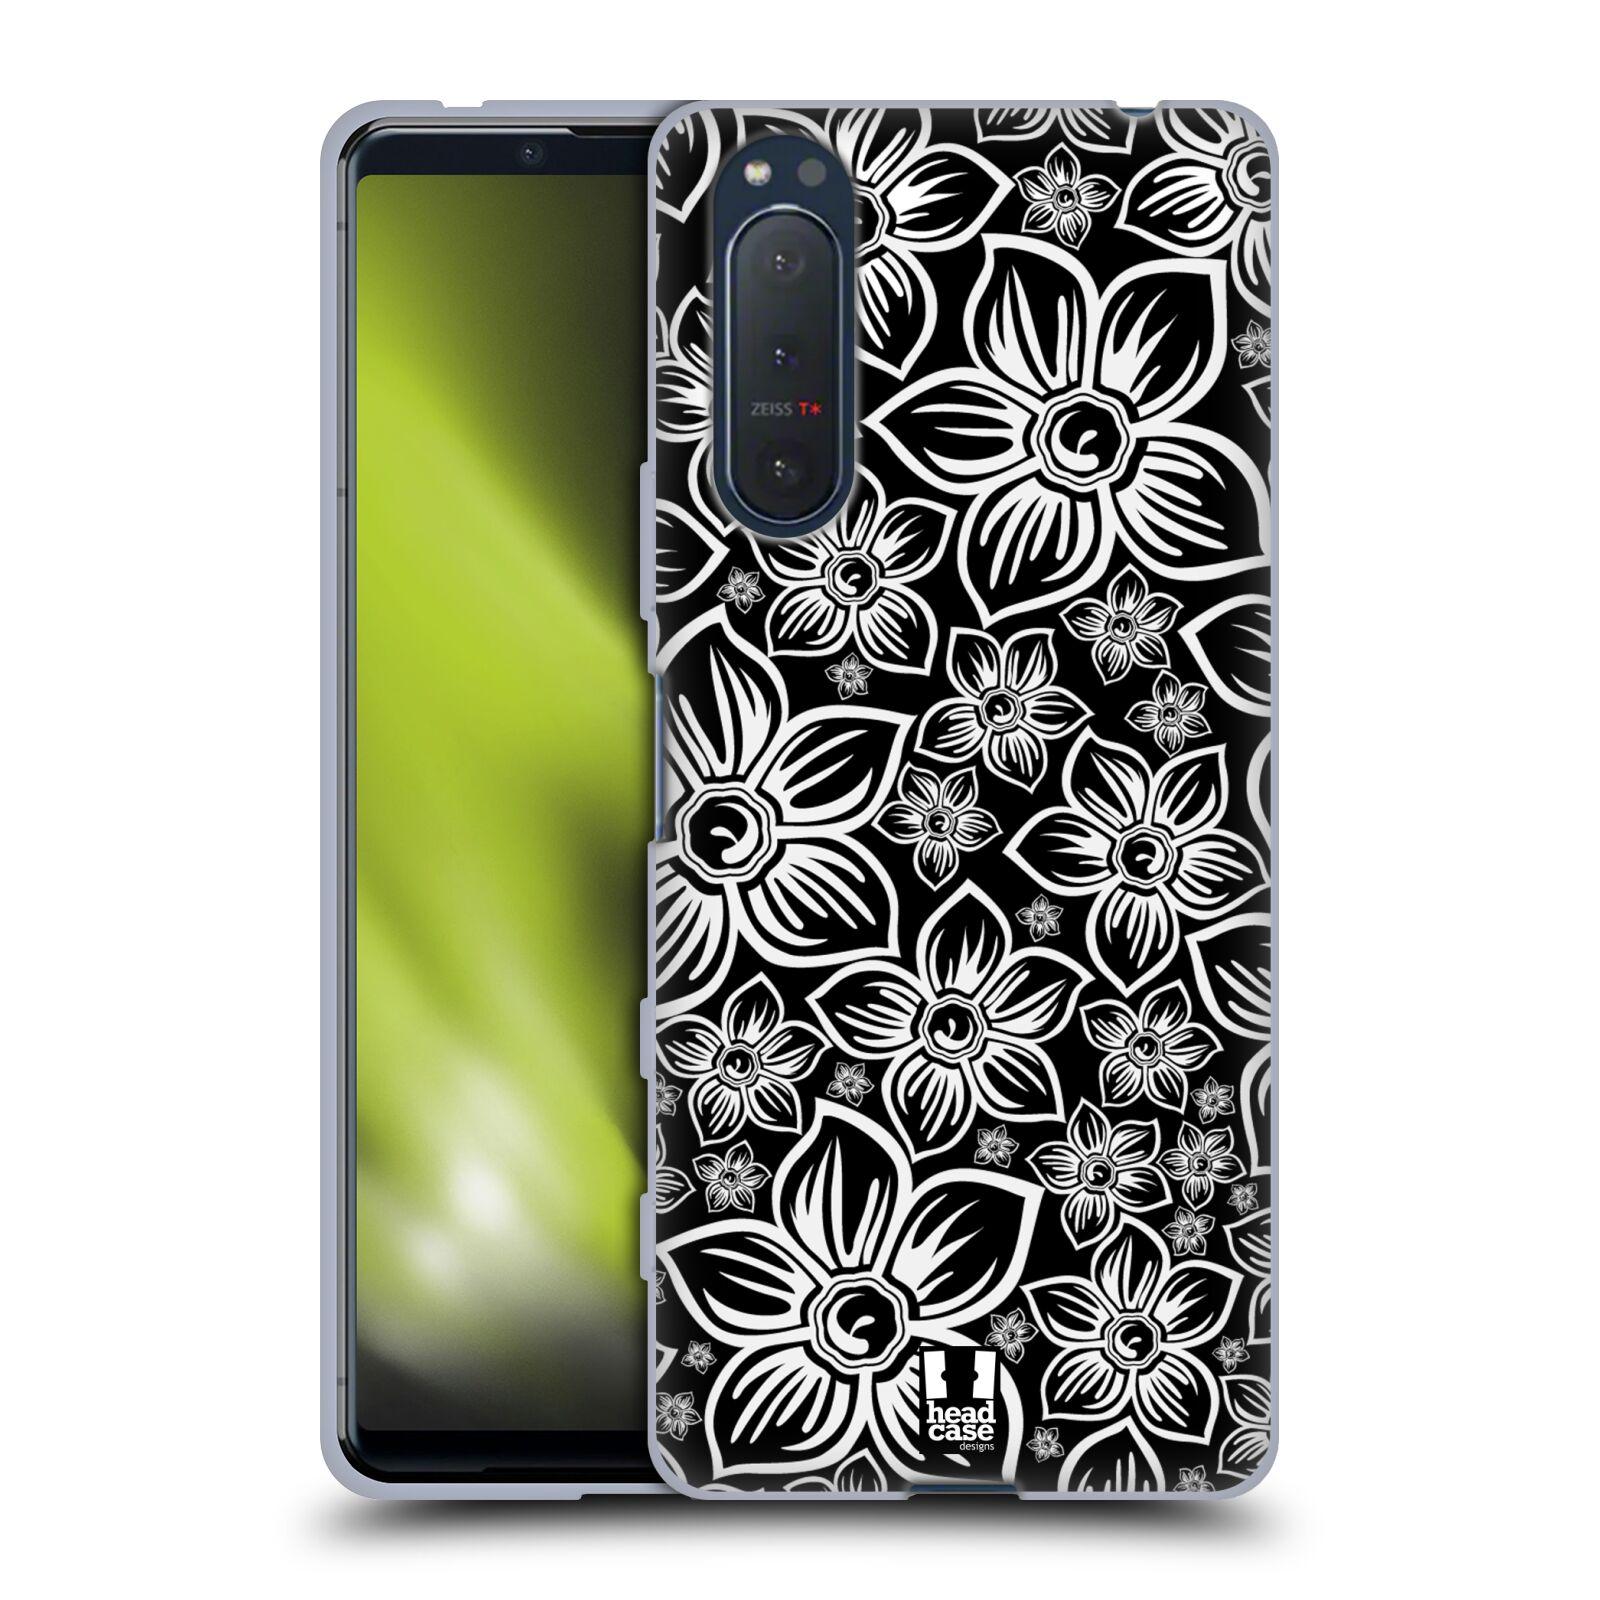 Silikonové pouzdro na mobil Sony Xperia 5 II - Head Case - FLORAL DAISY